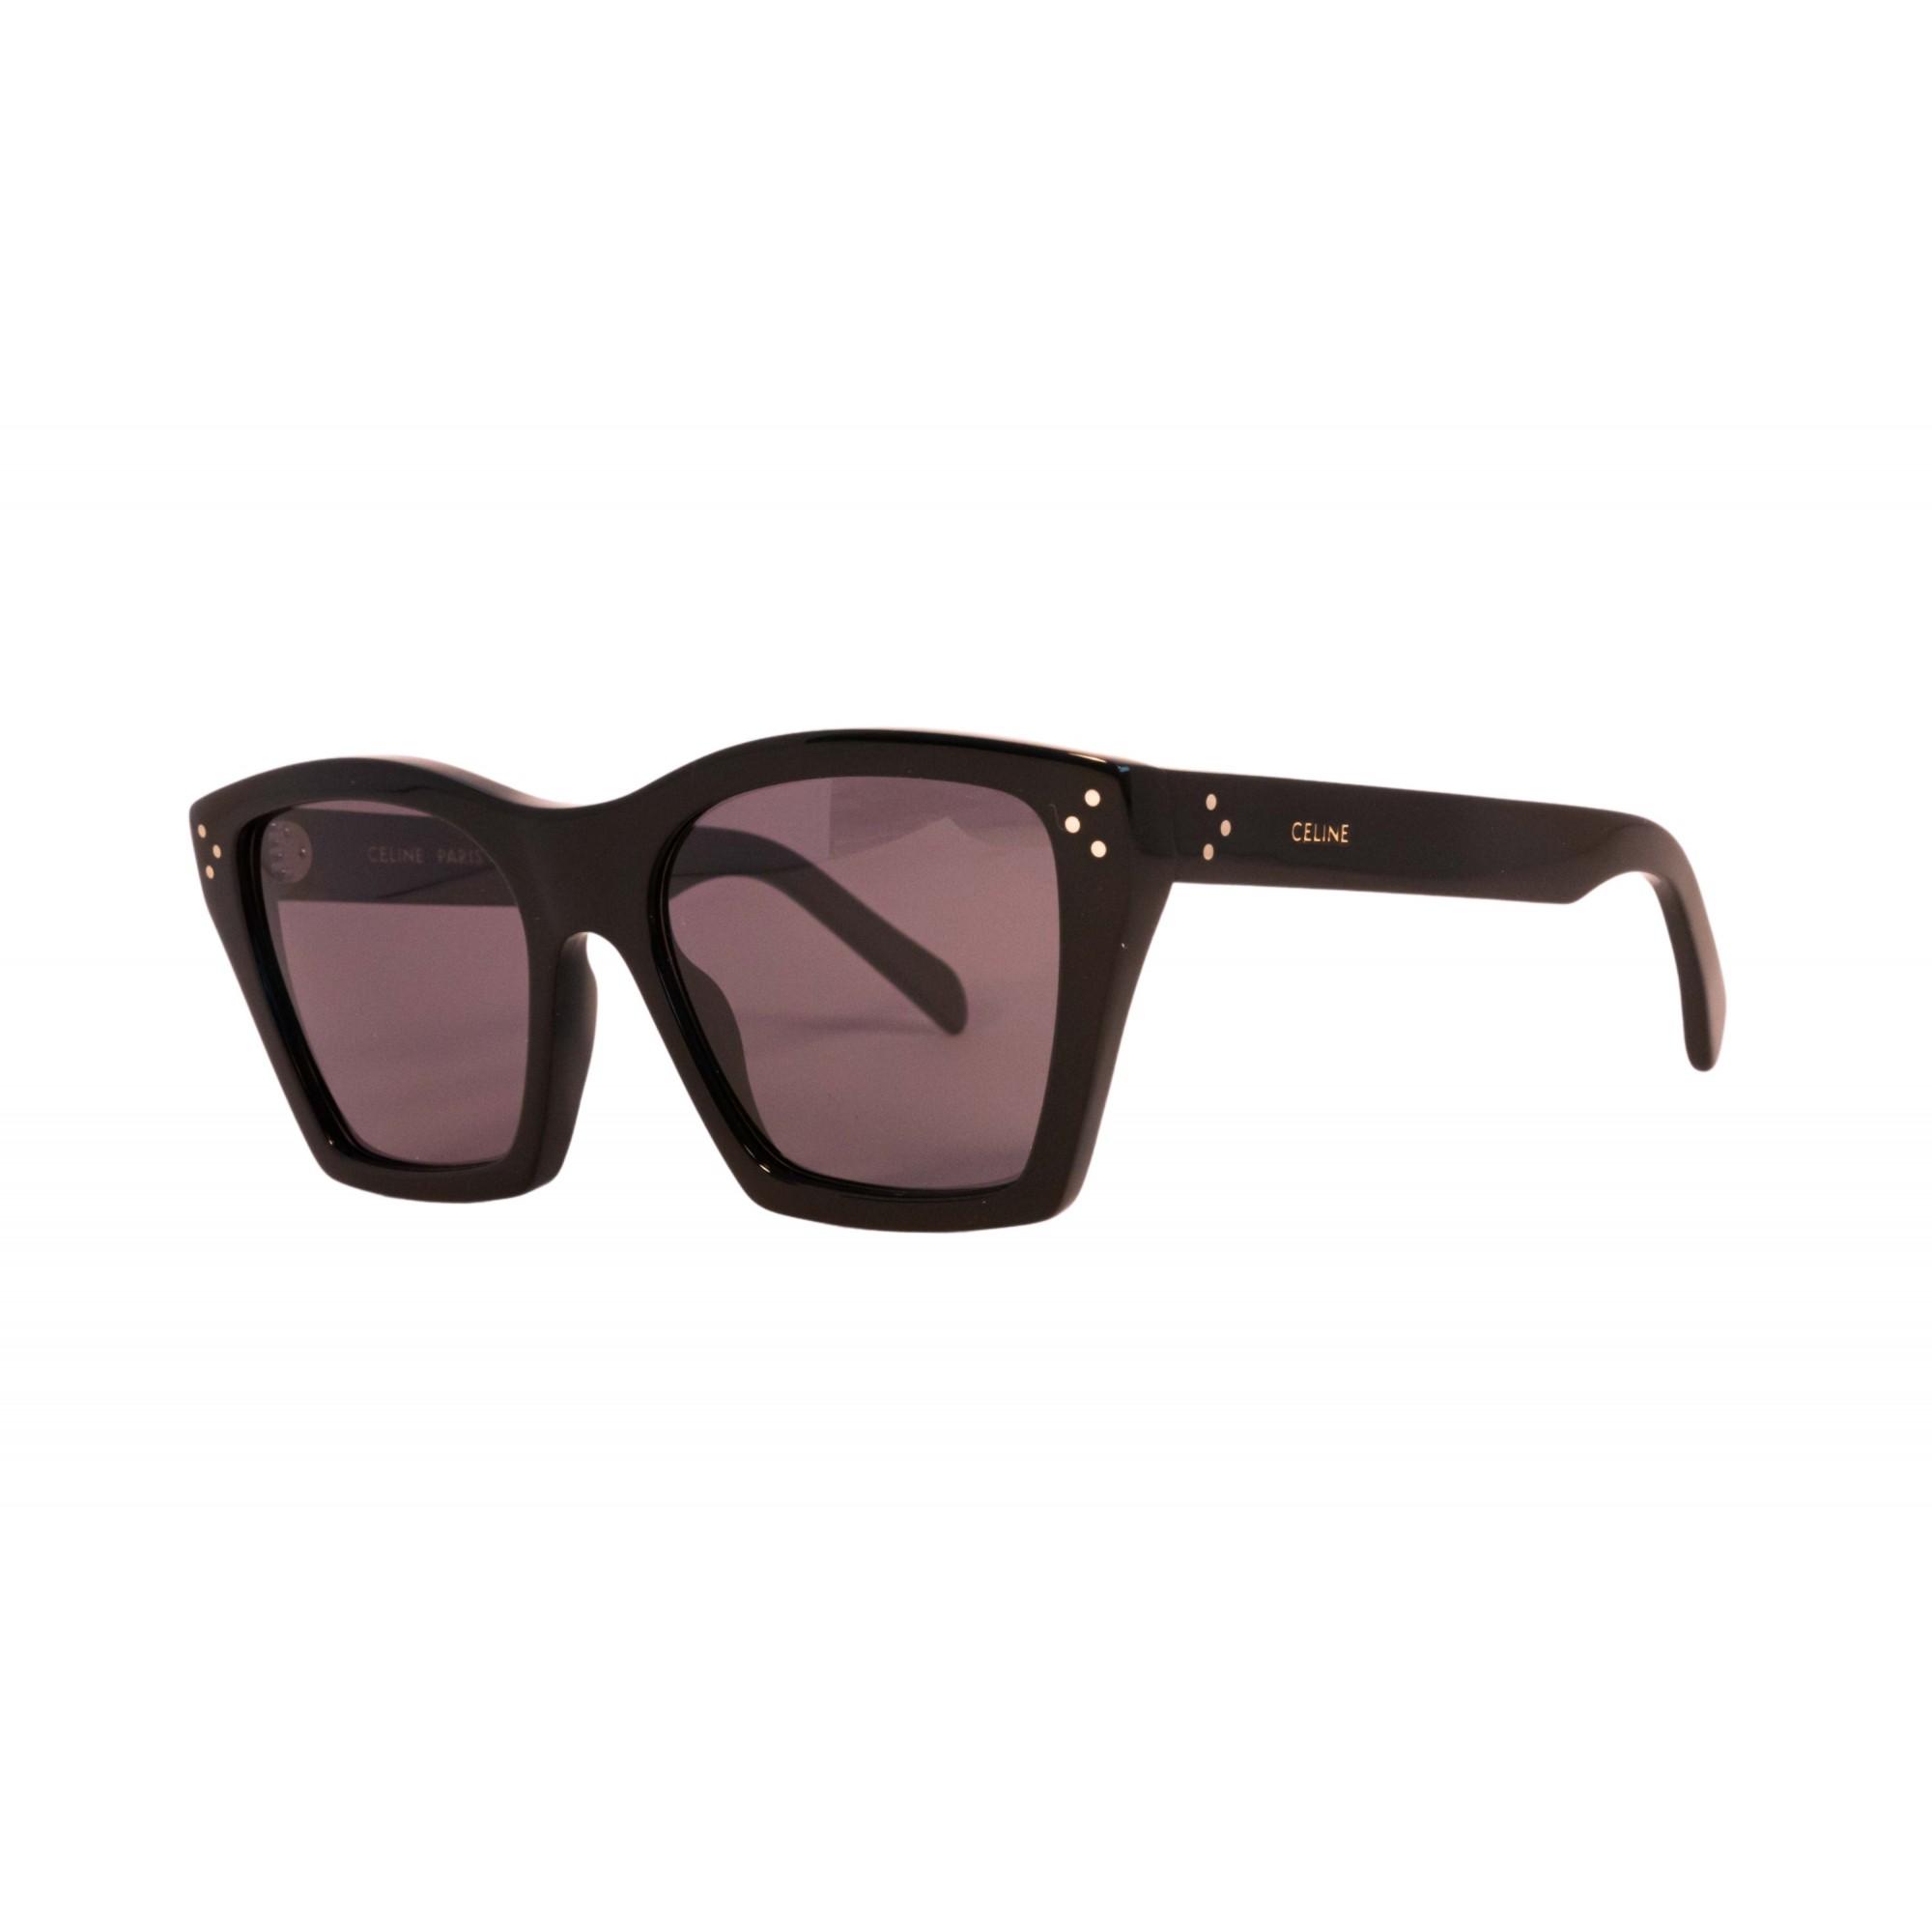 Óculos Celine Cat Eye CL40090i  01A 55 Preto